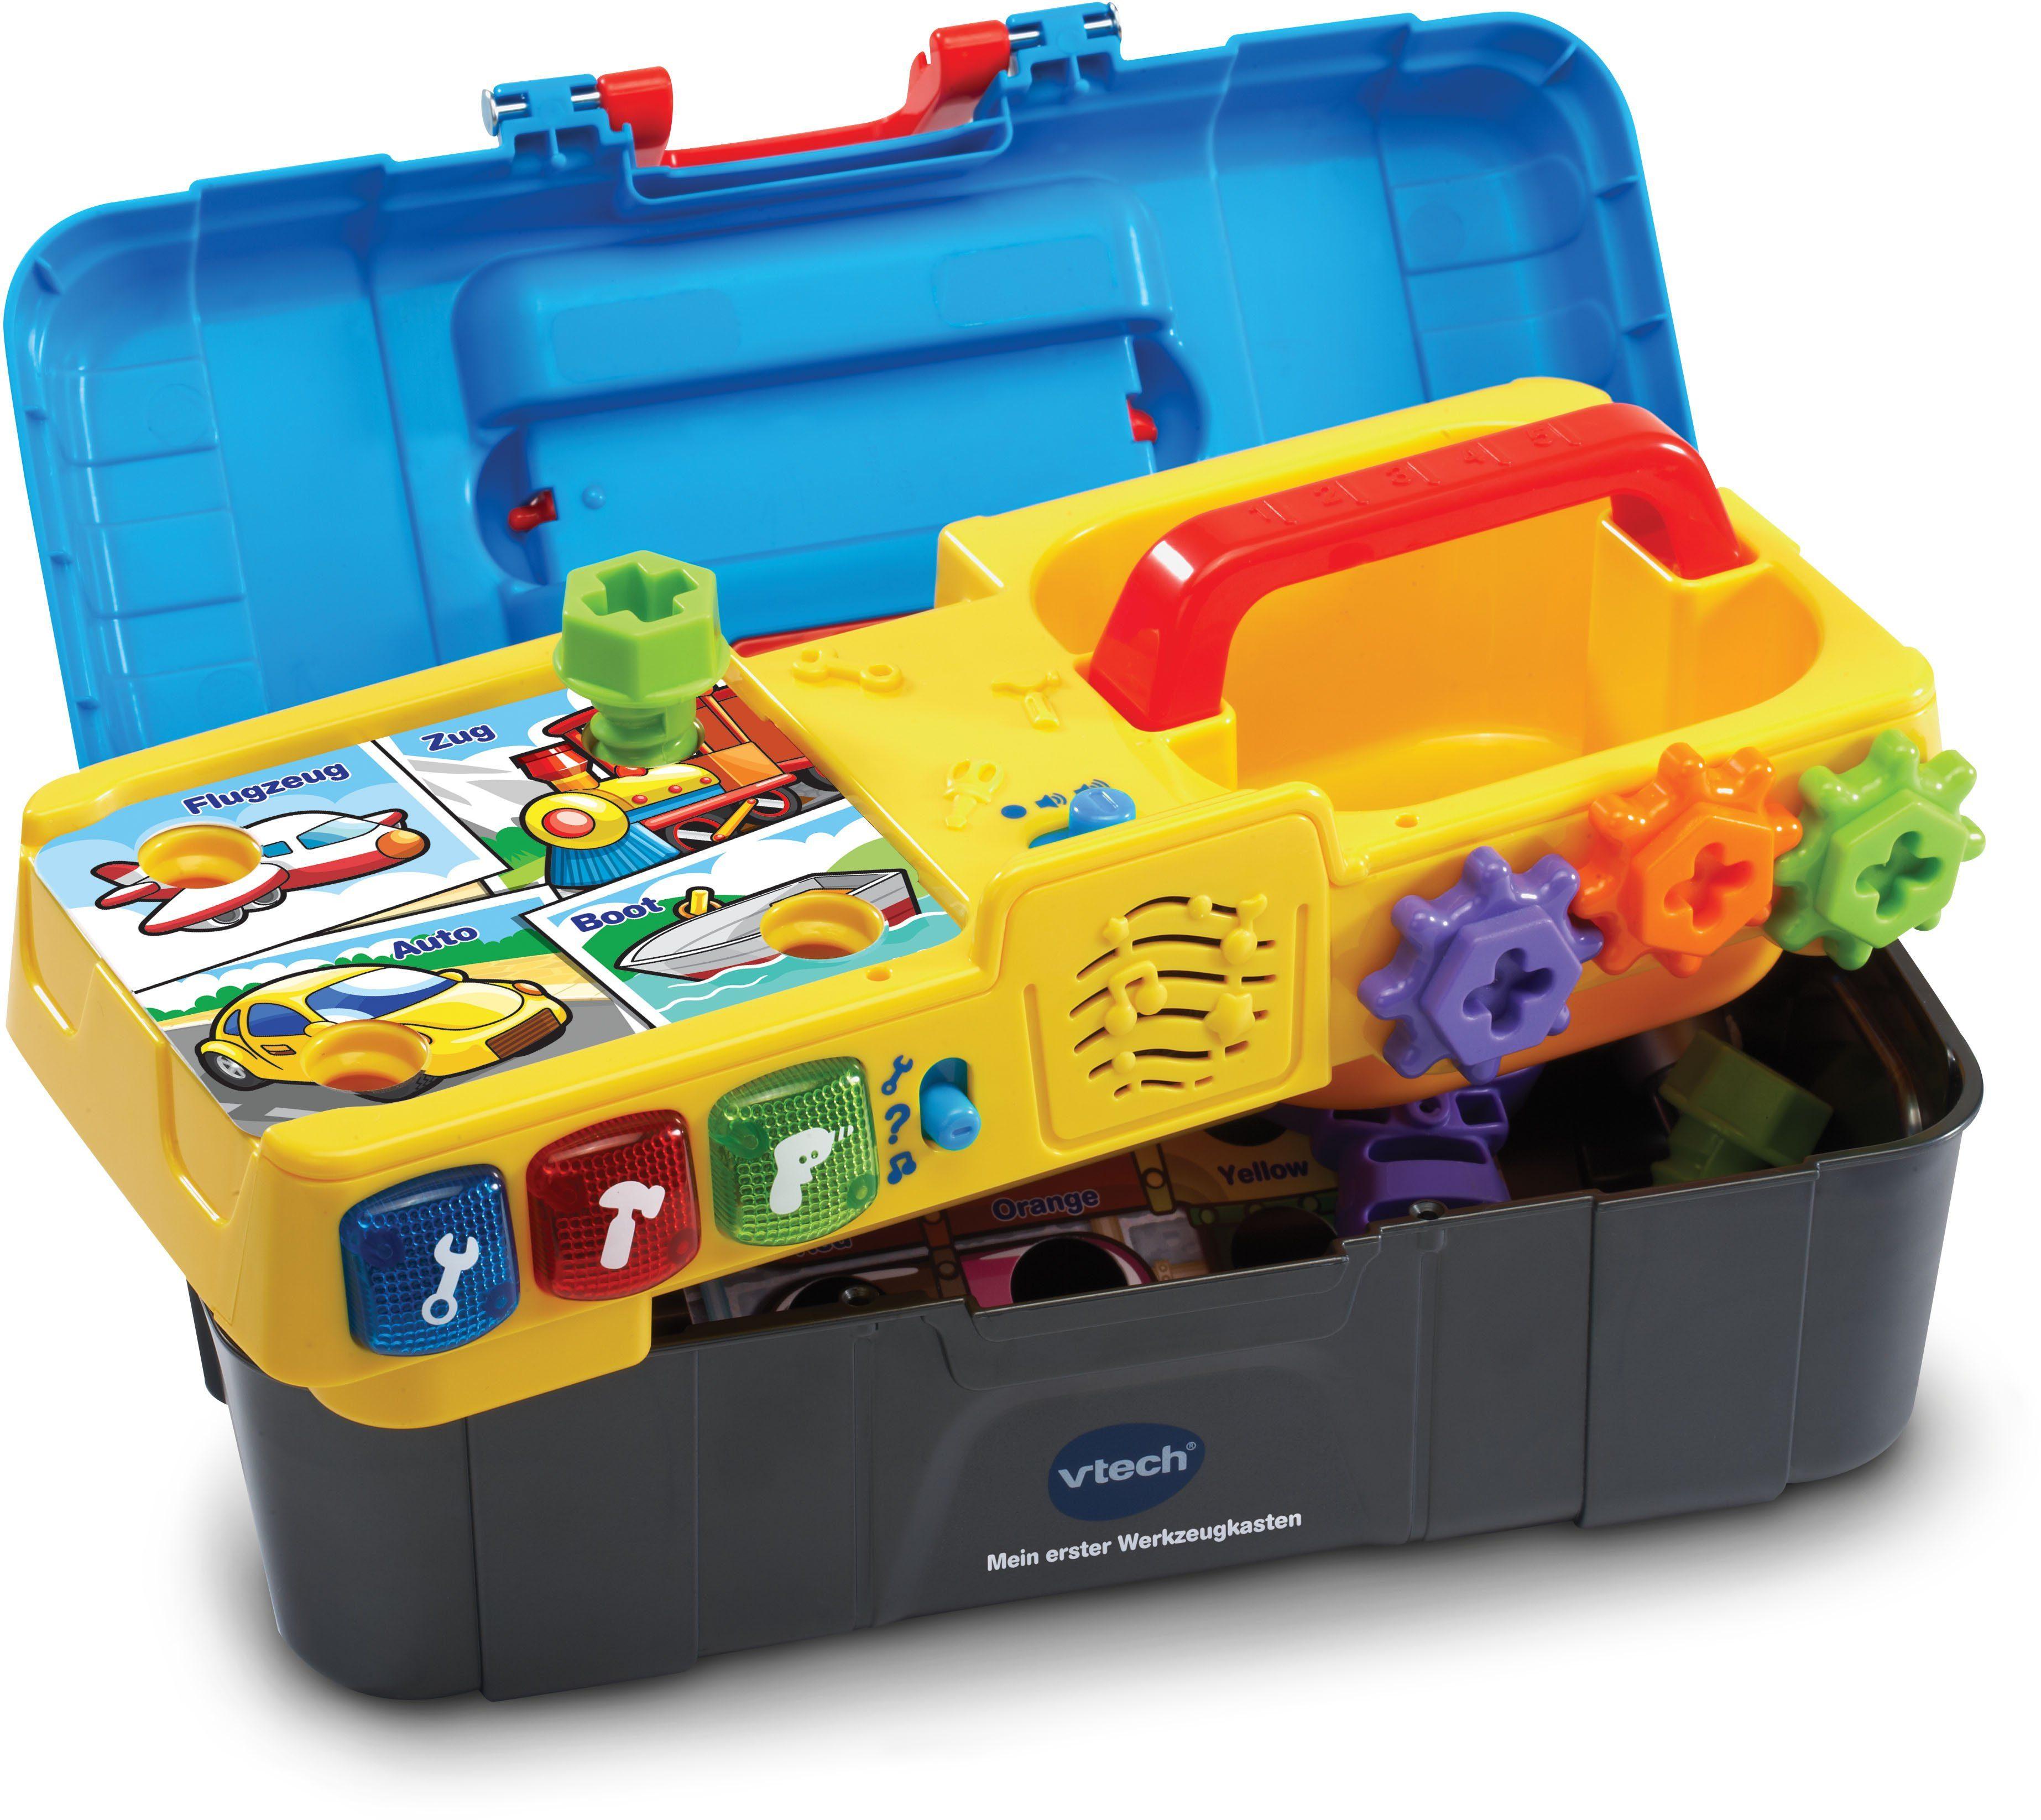 VTech Spielzeug Werkzeug Box, »Mein erster Werkzeugkasten«